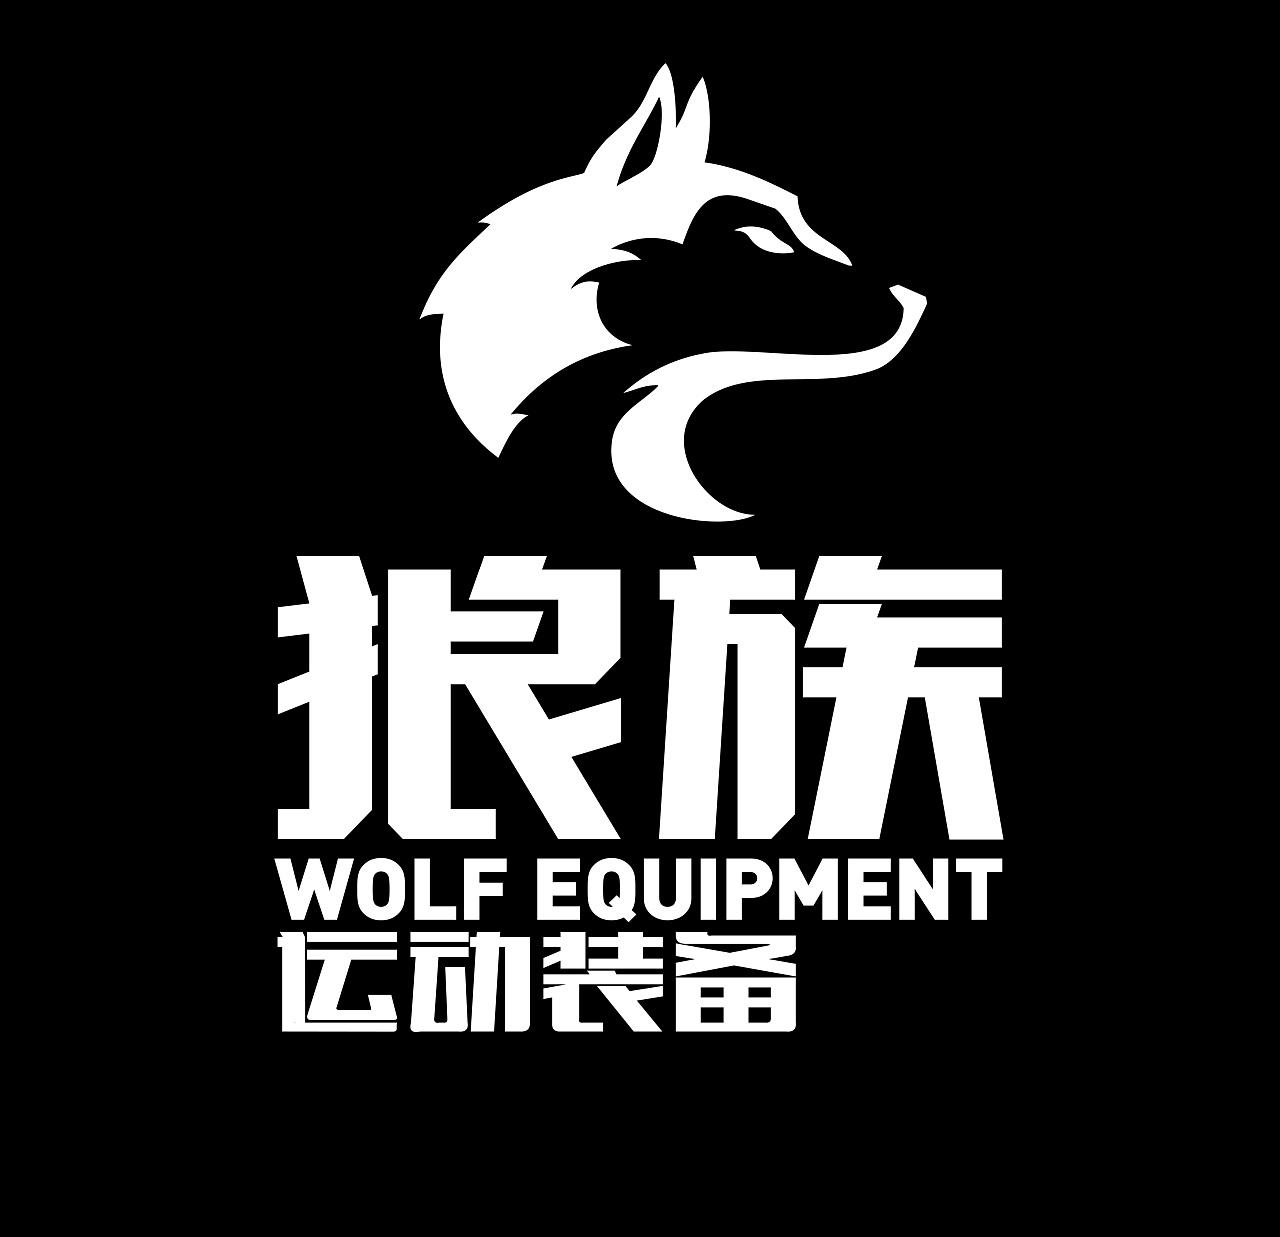 狼族标�_狼族运动装备|平面|标志|无话 - 原创作品 - 站酷